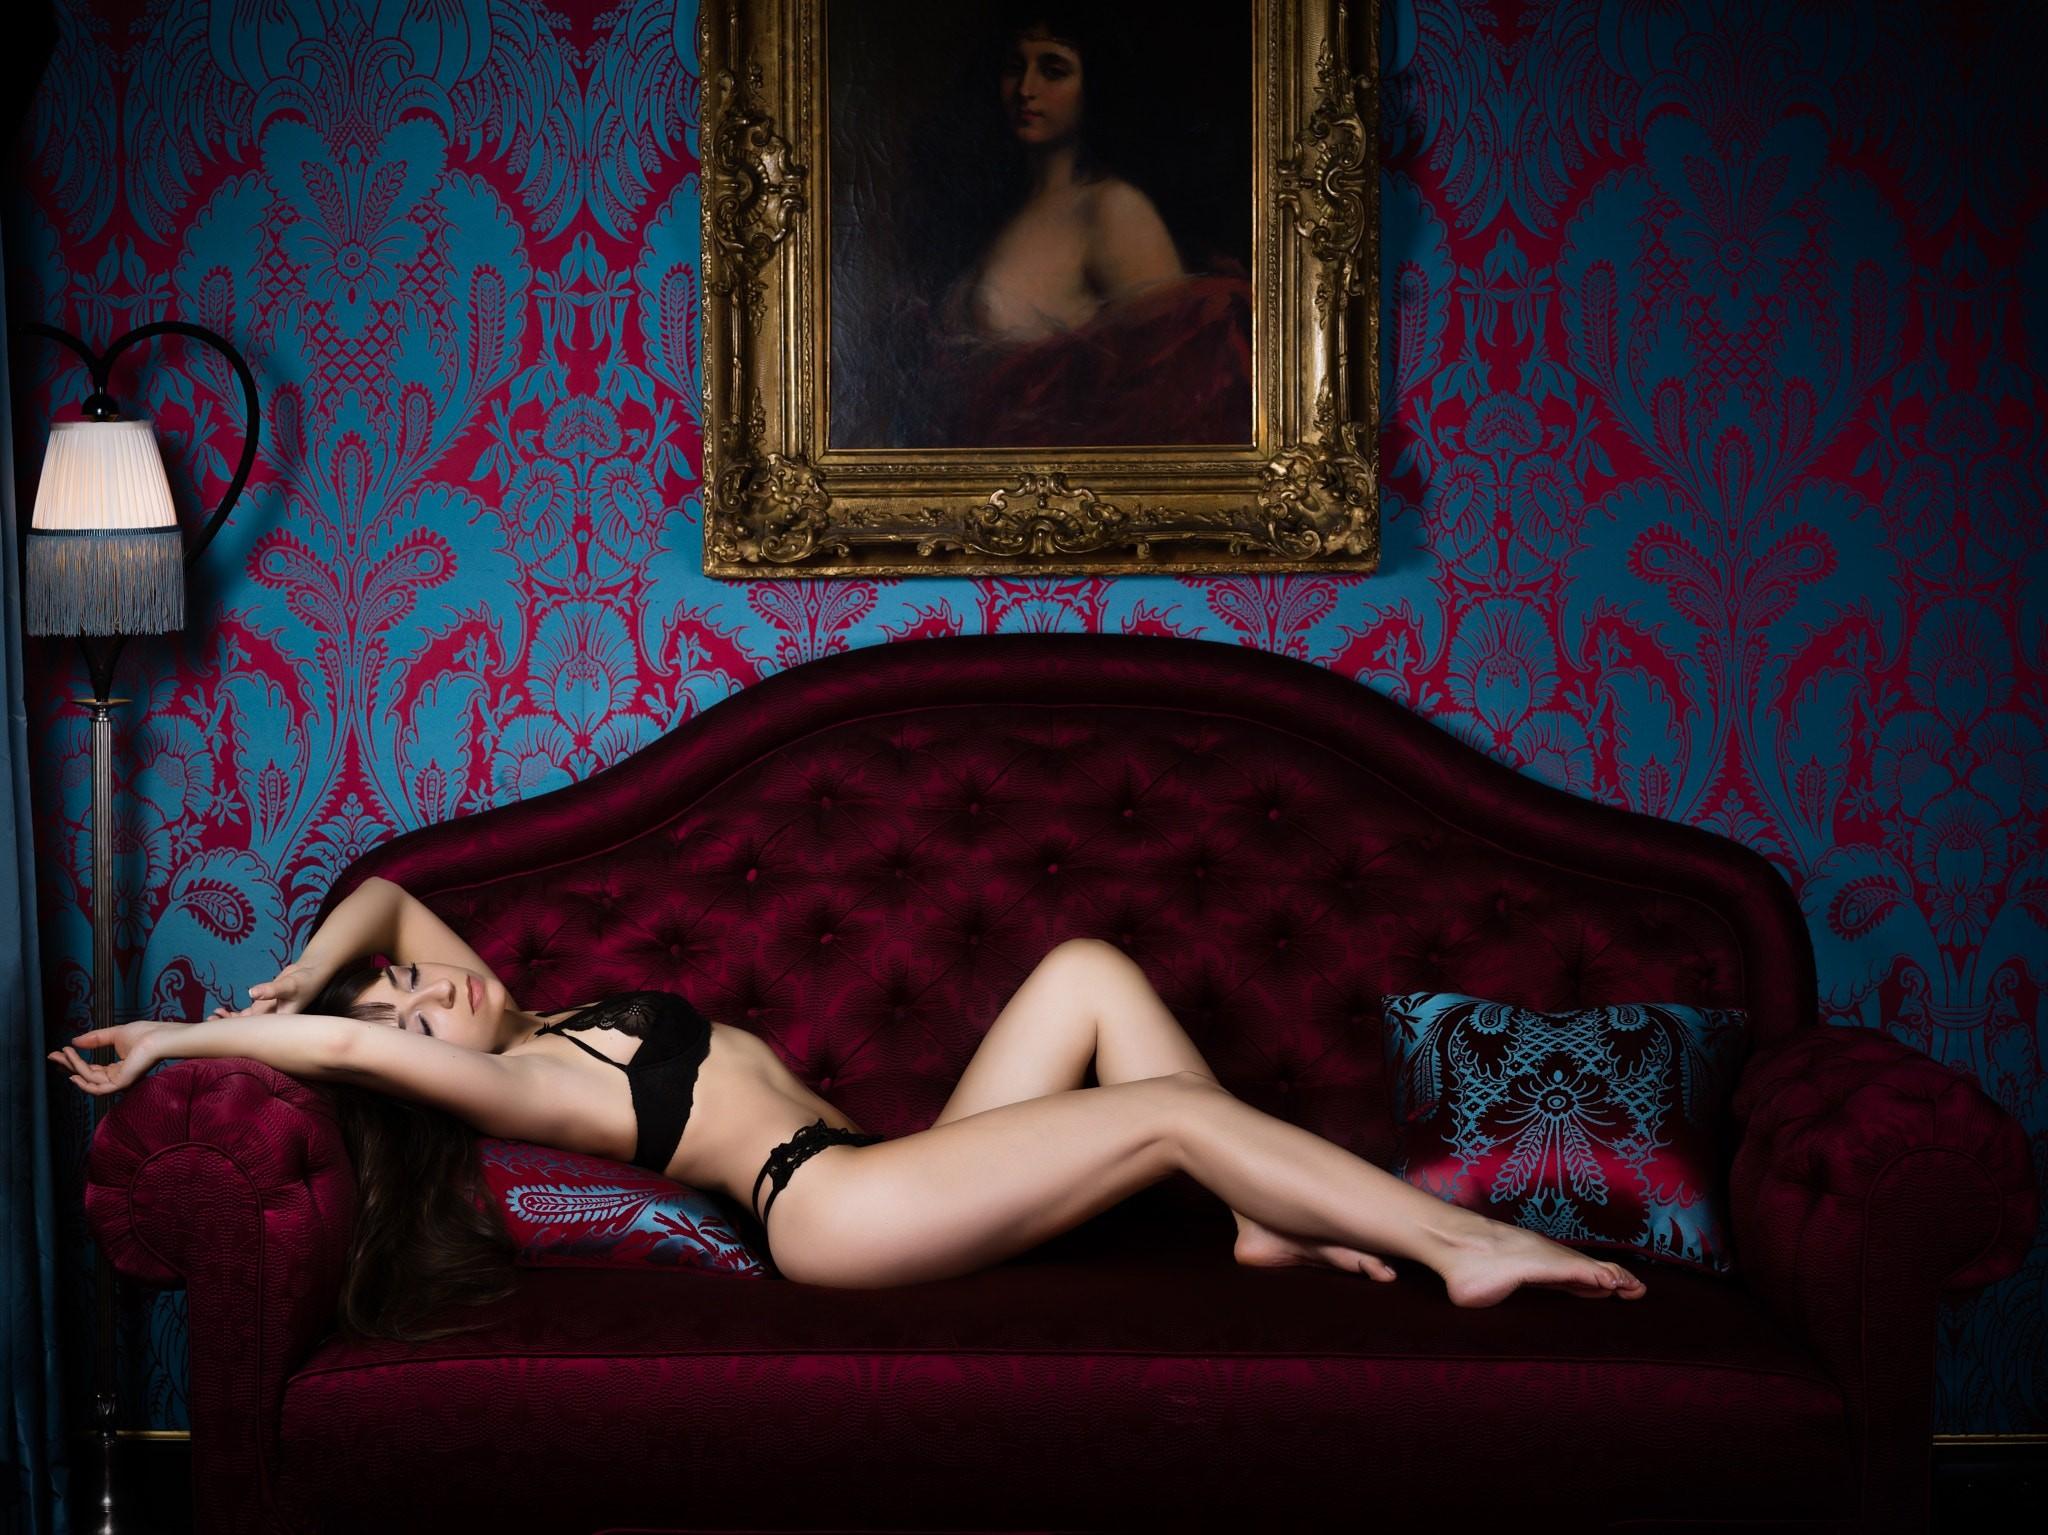 Мексиканская красотка отсосала толстый член своему другу порно фото